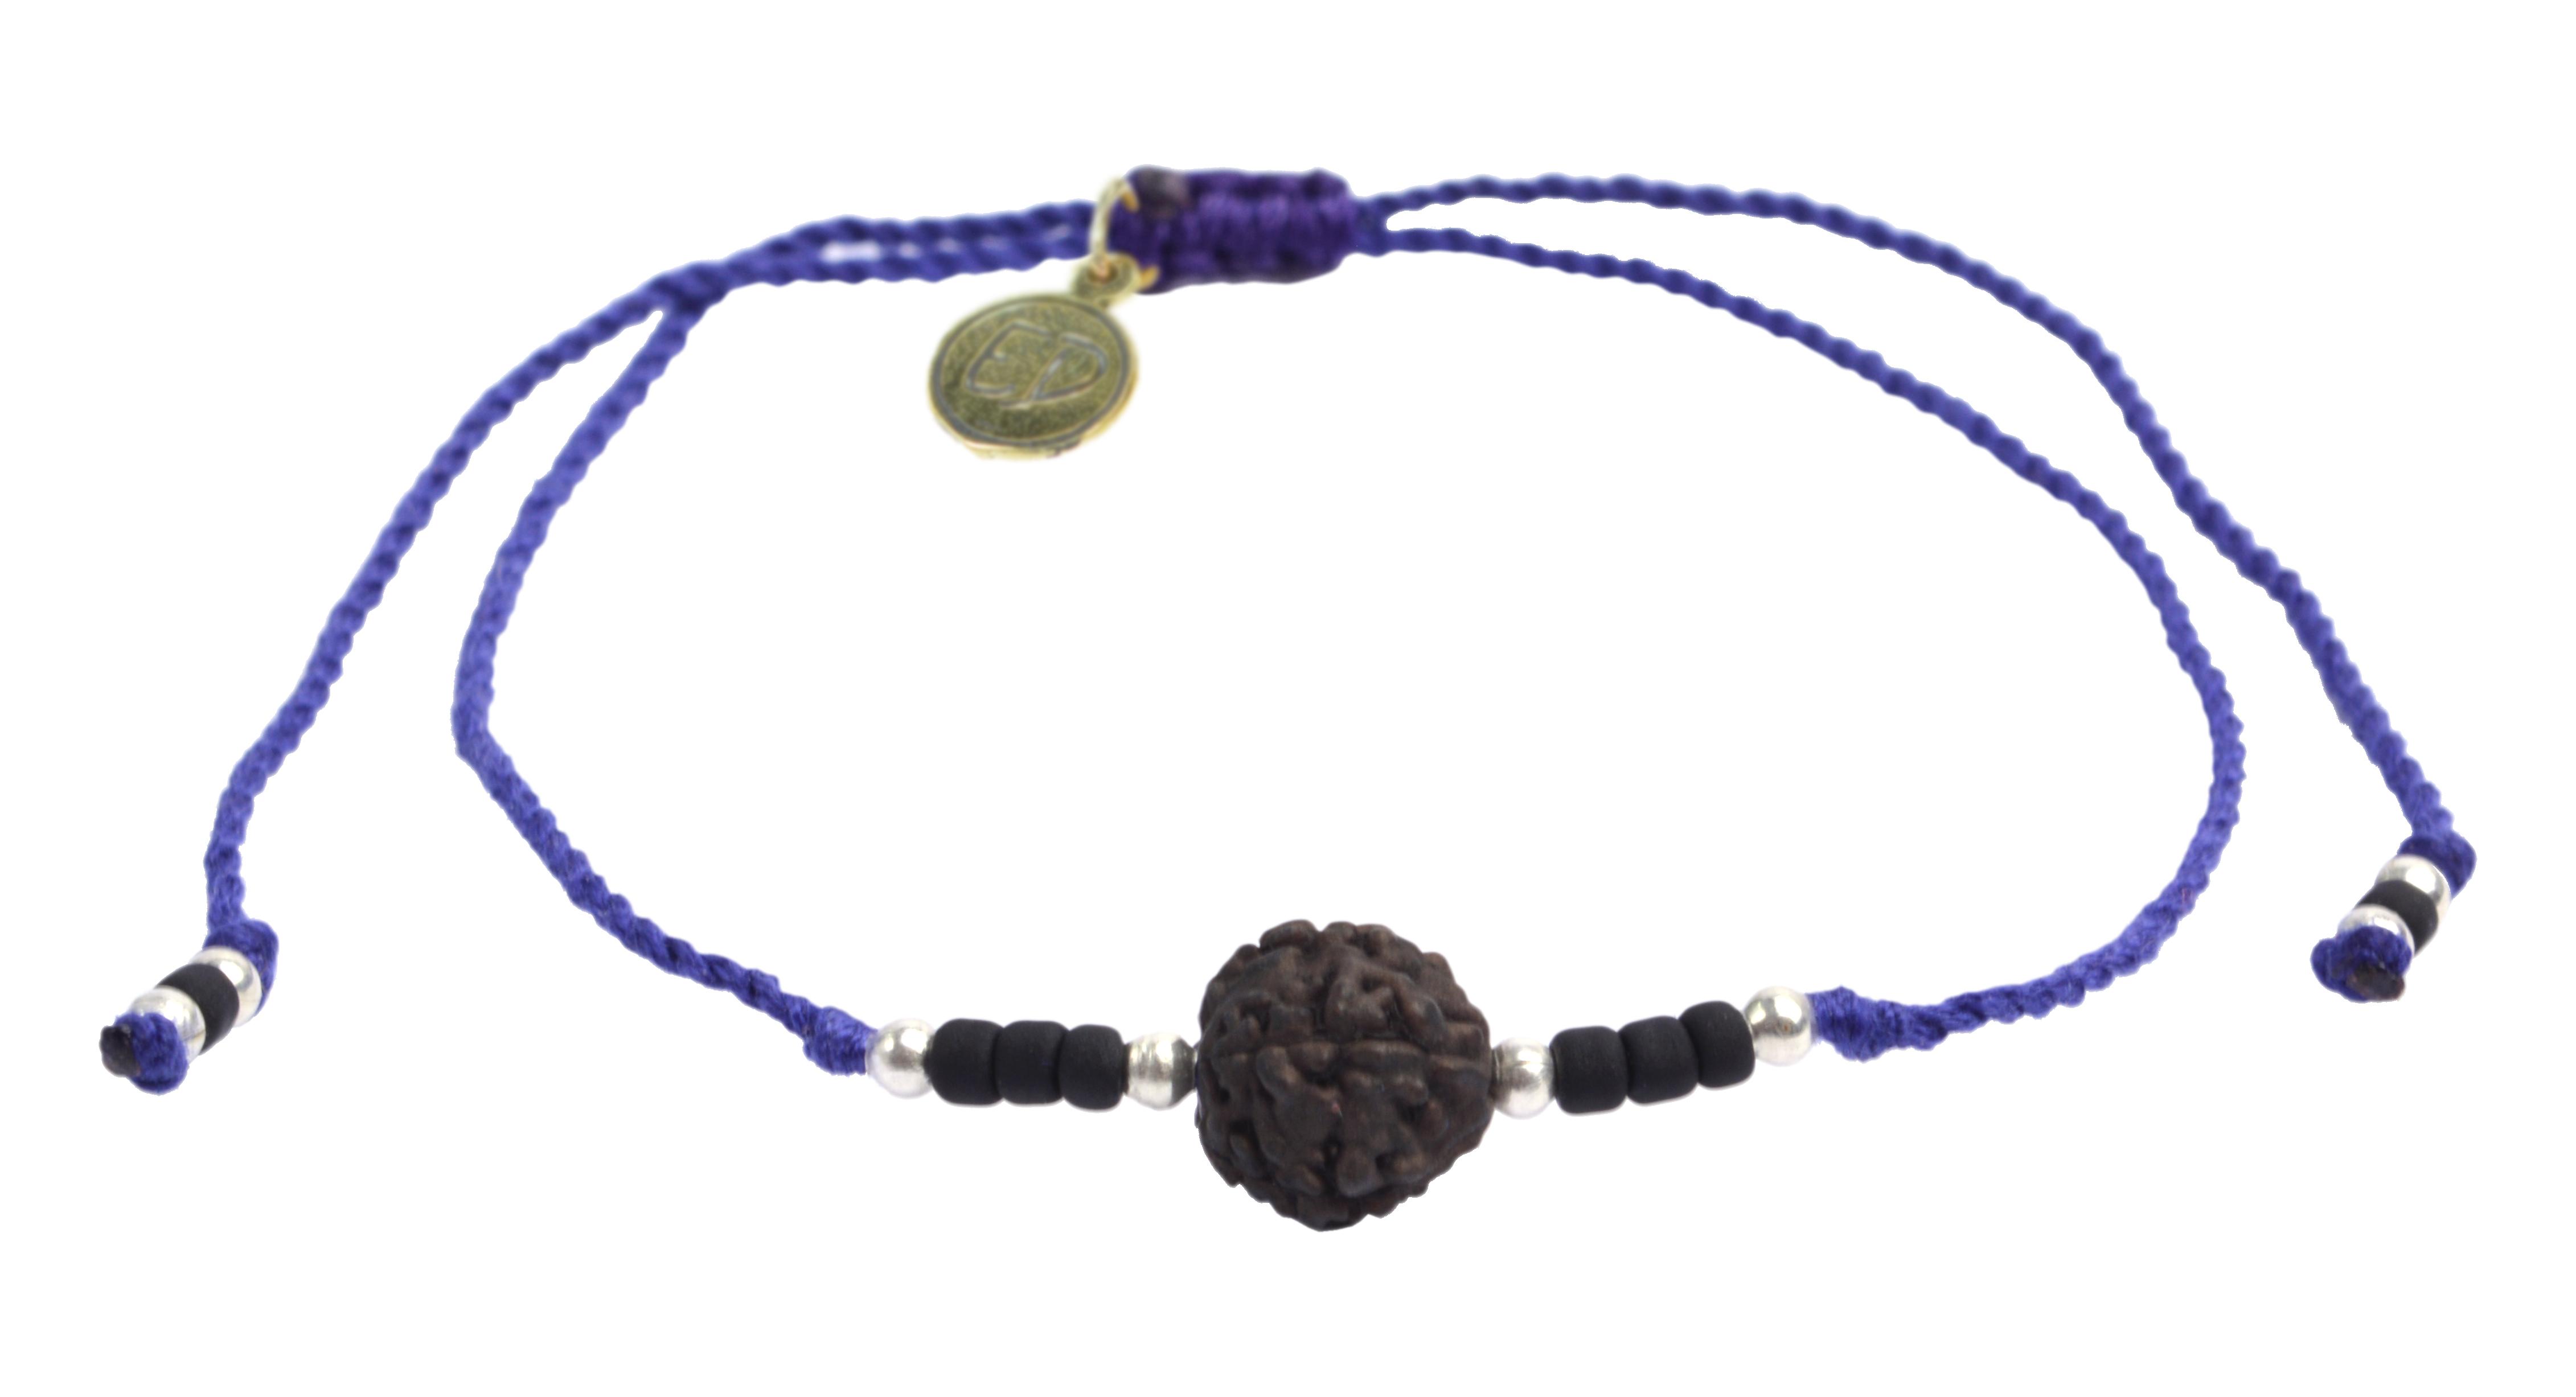 Šnúrkový náramok s tmavou korálkou Rudraksha - fialový